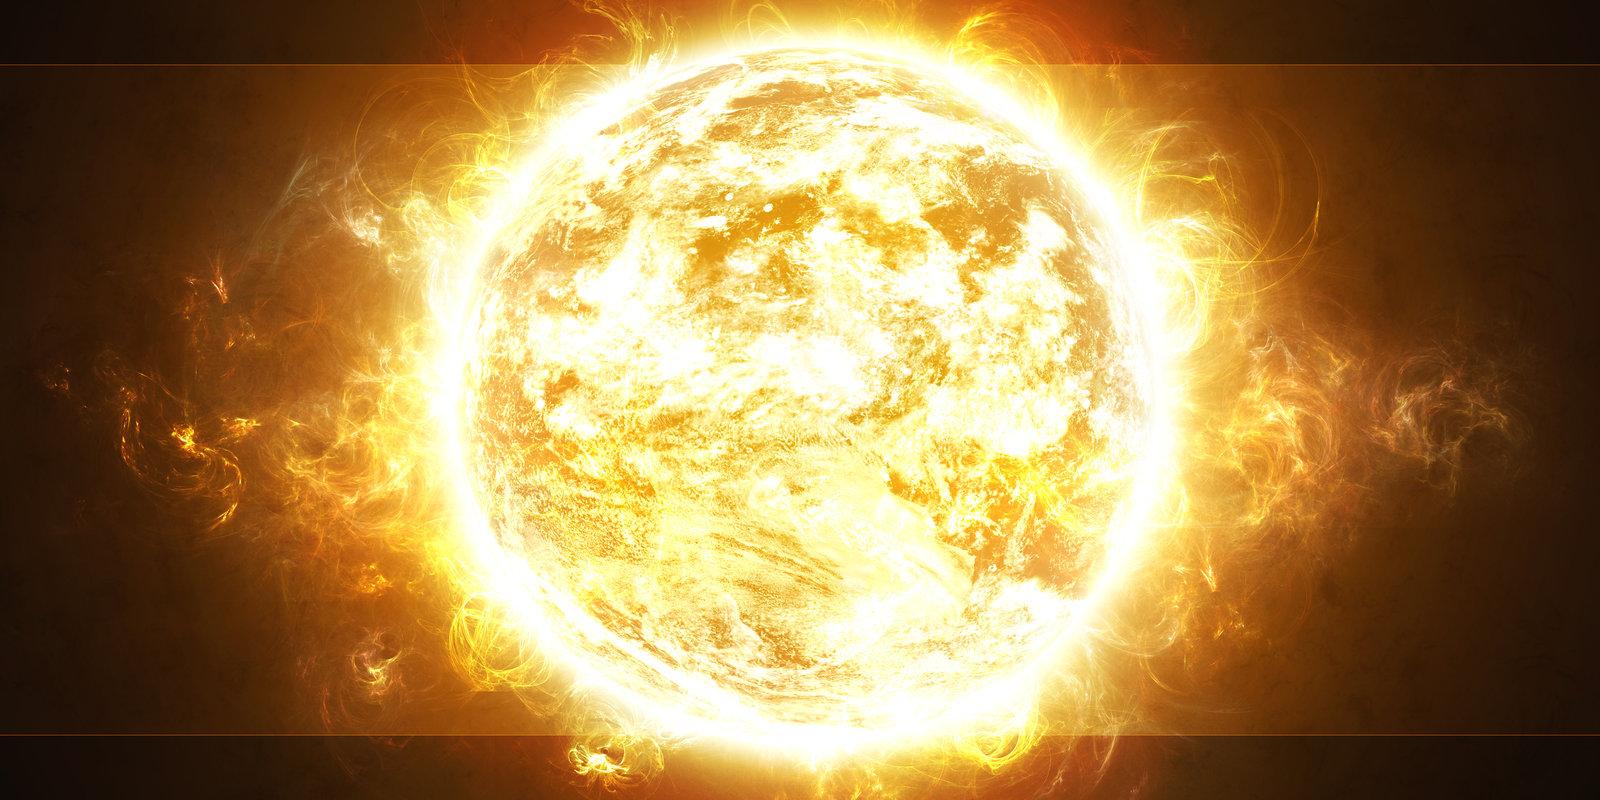 الناسا تكتشف ثقبا عملاقاً في الشمس بحجم 50 أرضا